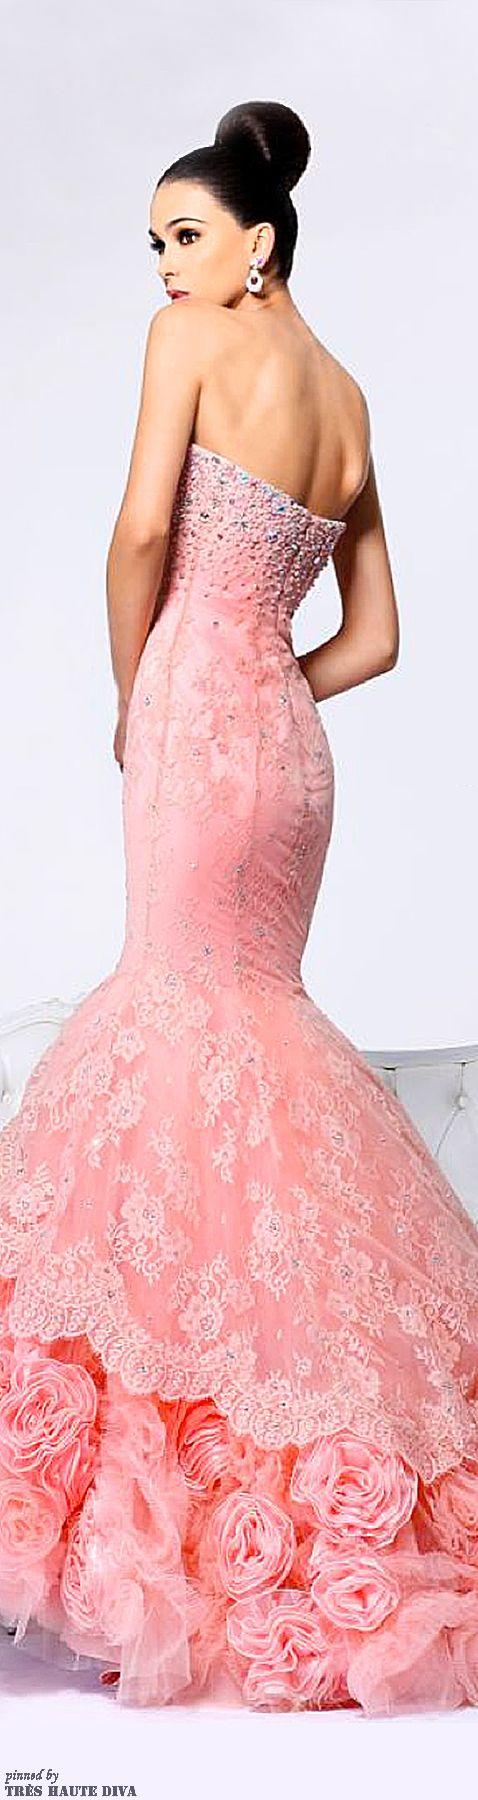 95 best Designer ~ Sherri Hill images on Pinterest | Ballroom dress ...